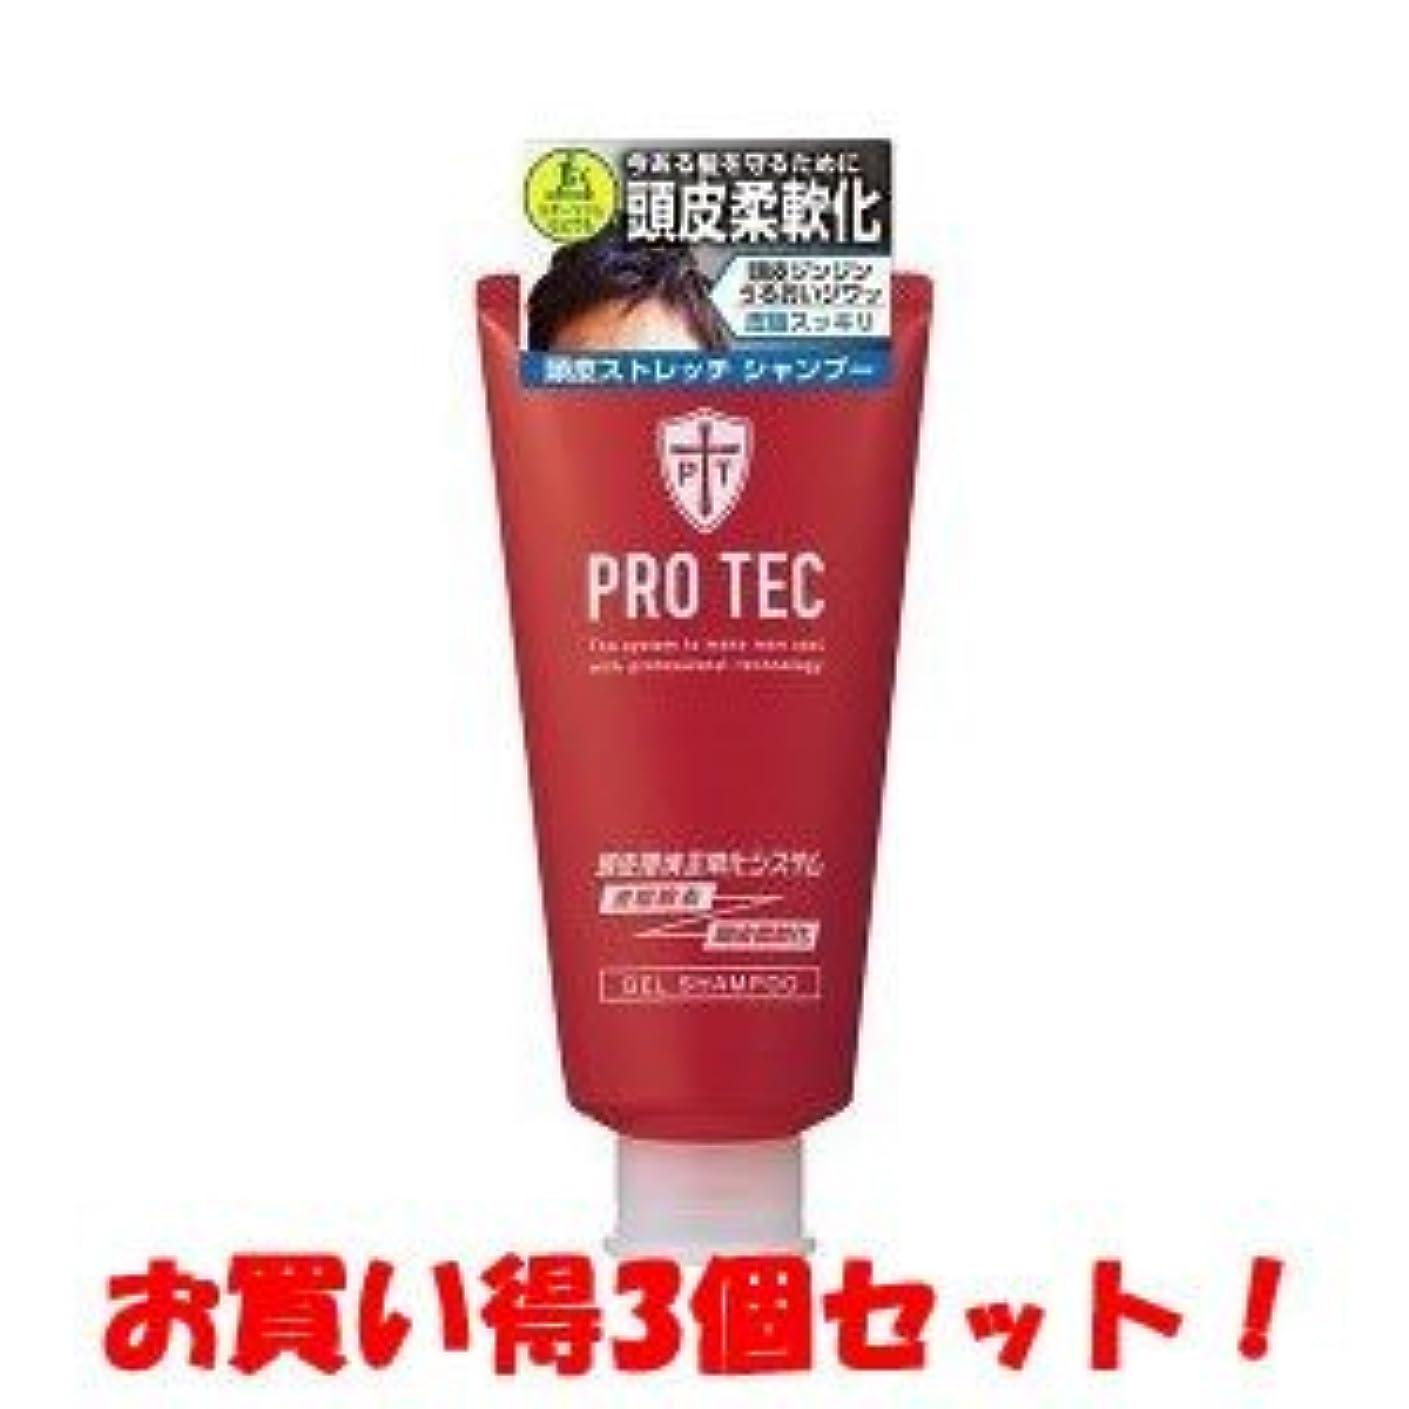 自治実行バイオリニストPRO TEC(プロテク) 頭皮ストレッチ シャンプー チューブ 150g (医薬部外品) ×3個セット